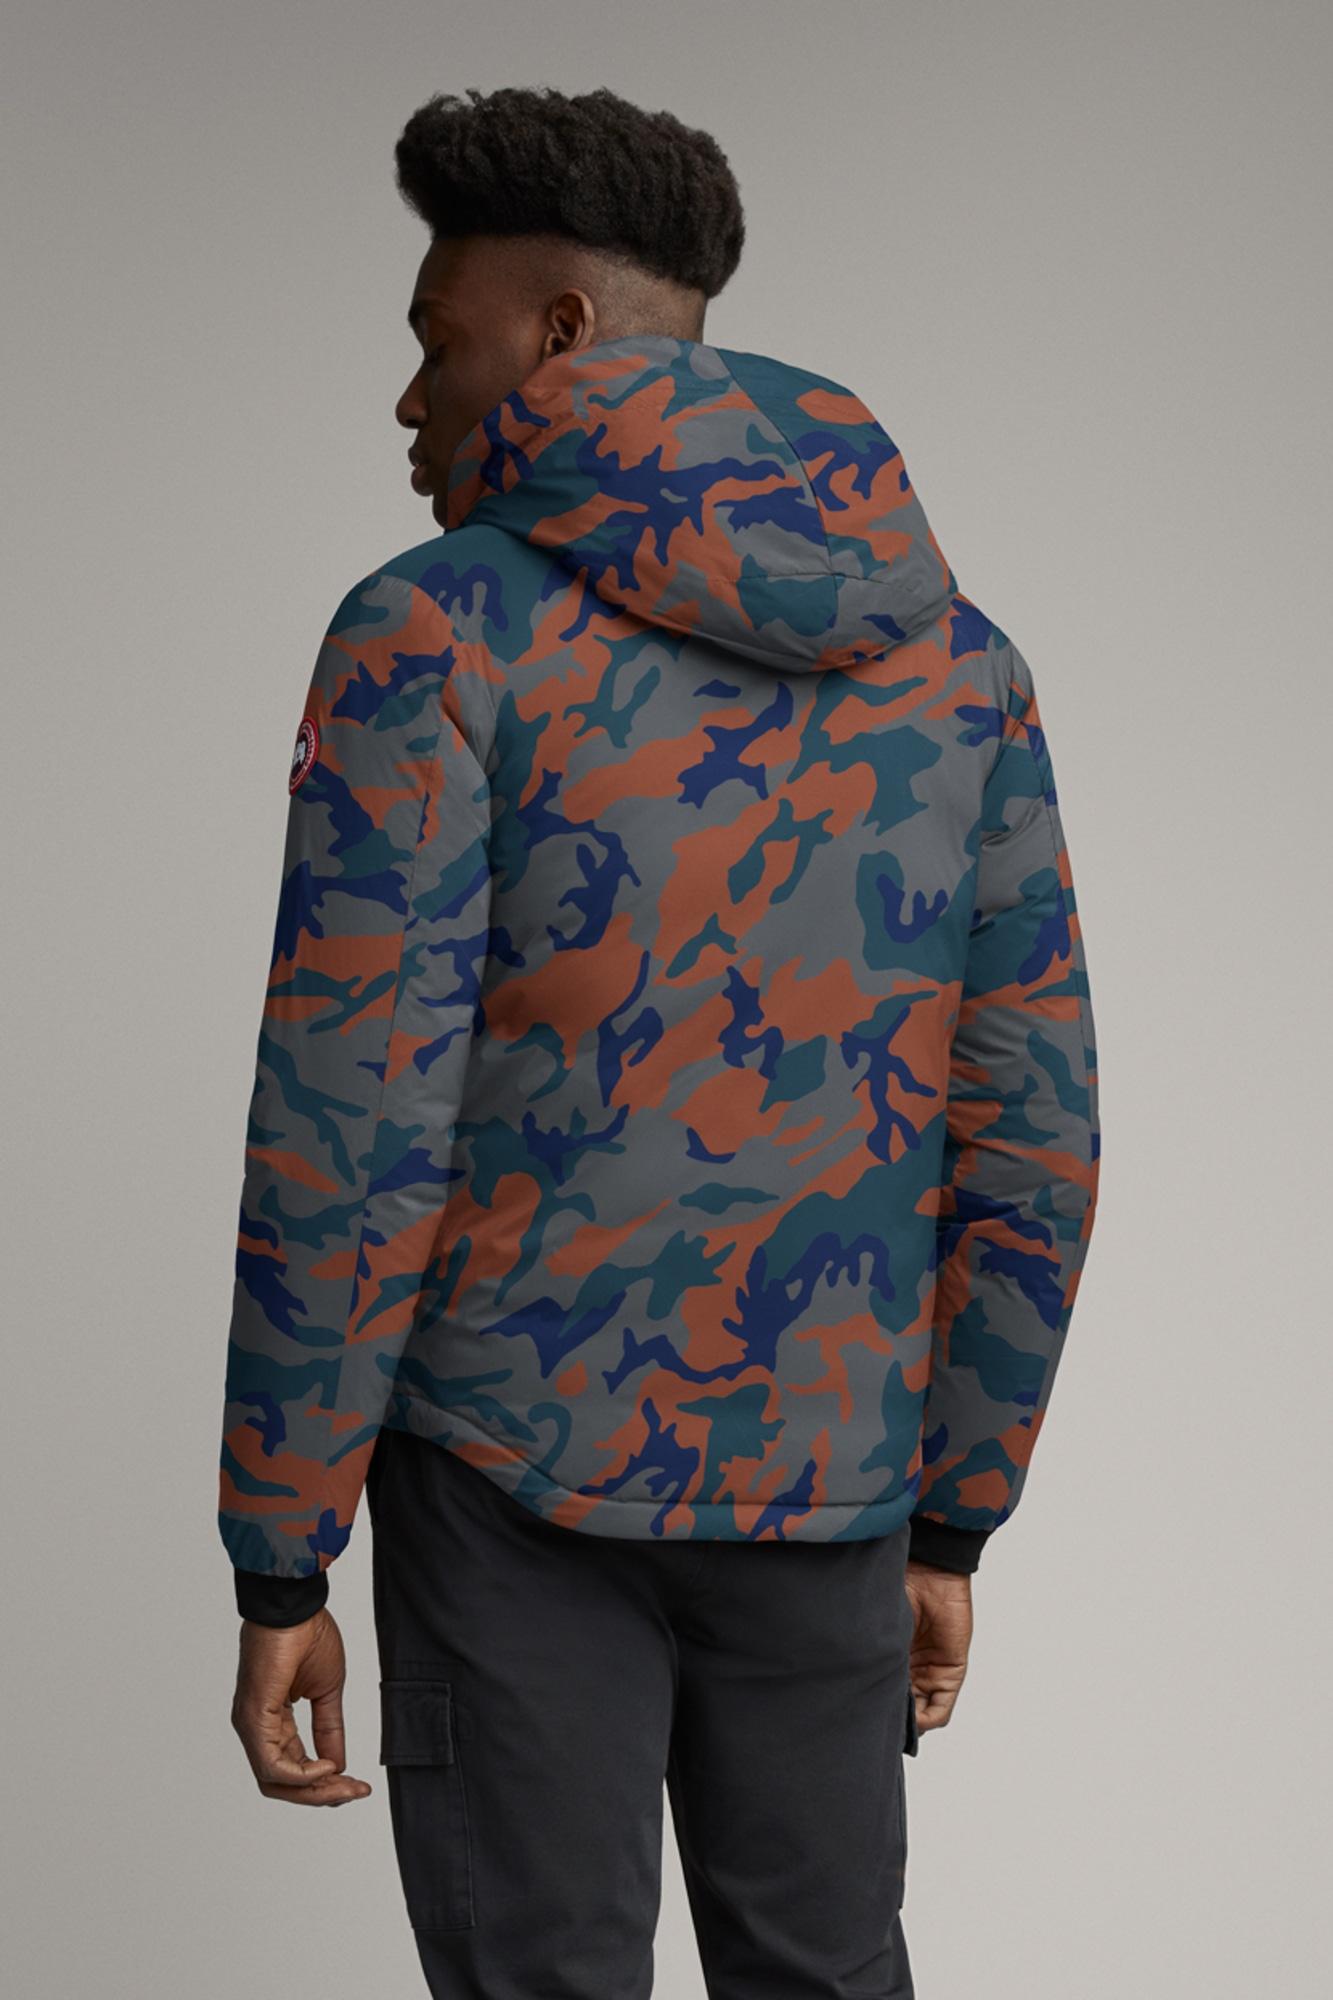 black Details about  /Publish Lodge 3M Printed Denim Silhouette Jacket